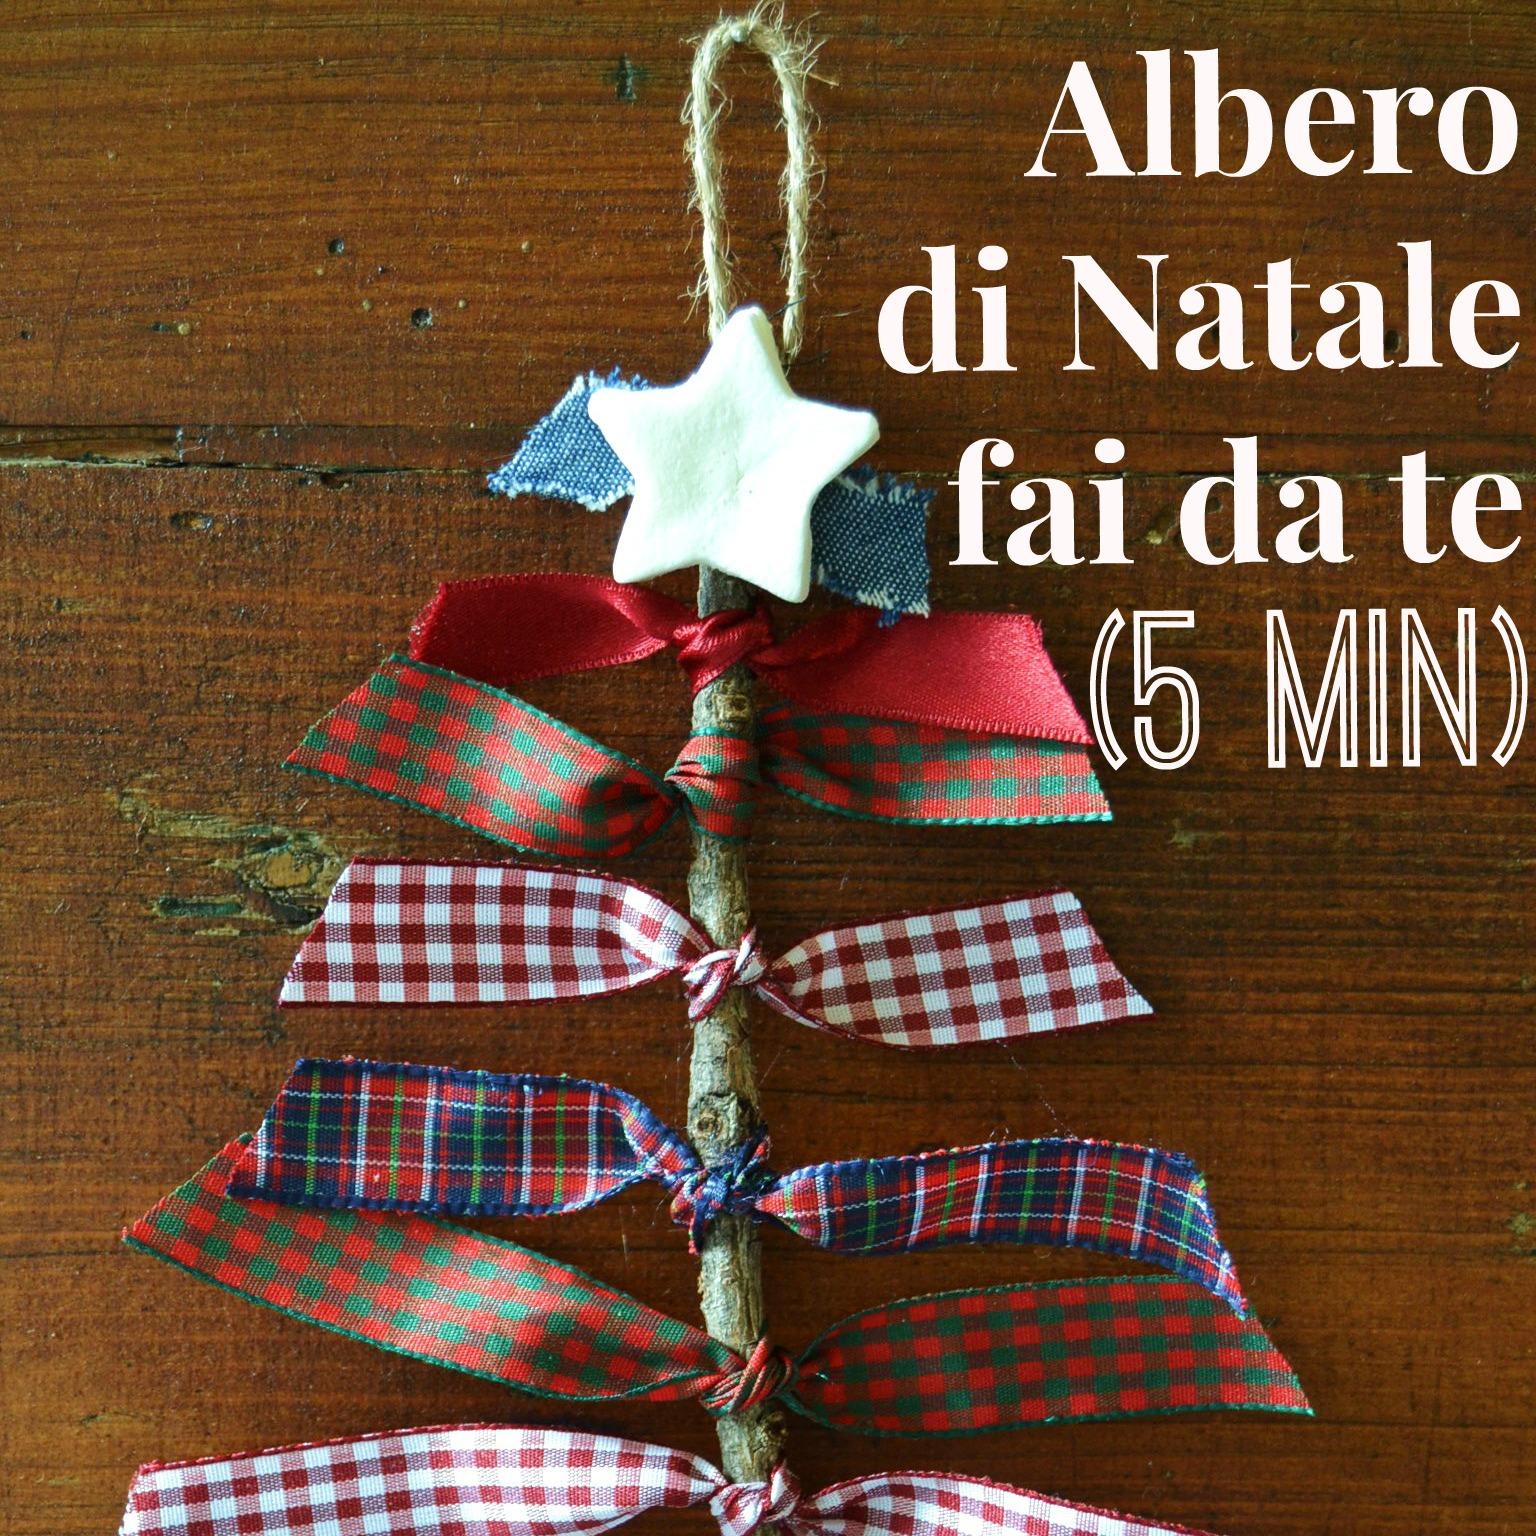 Albero di natale fai da te in 5 minuti babygreen - Decorazioni per natale fai da te ...